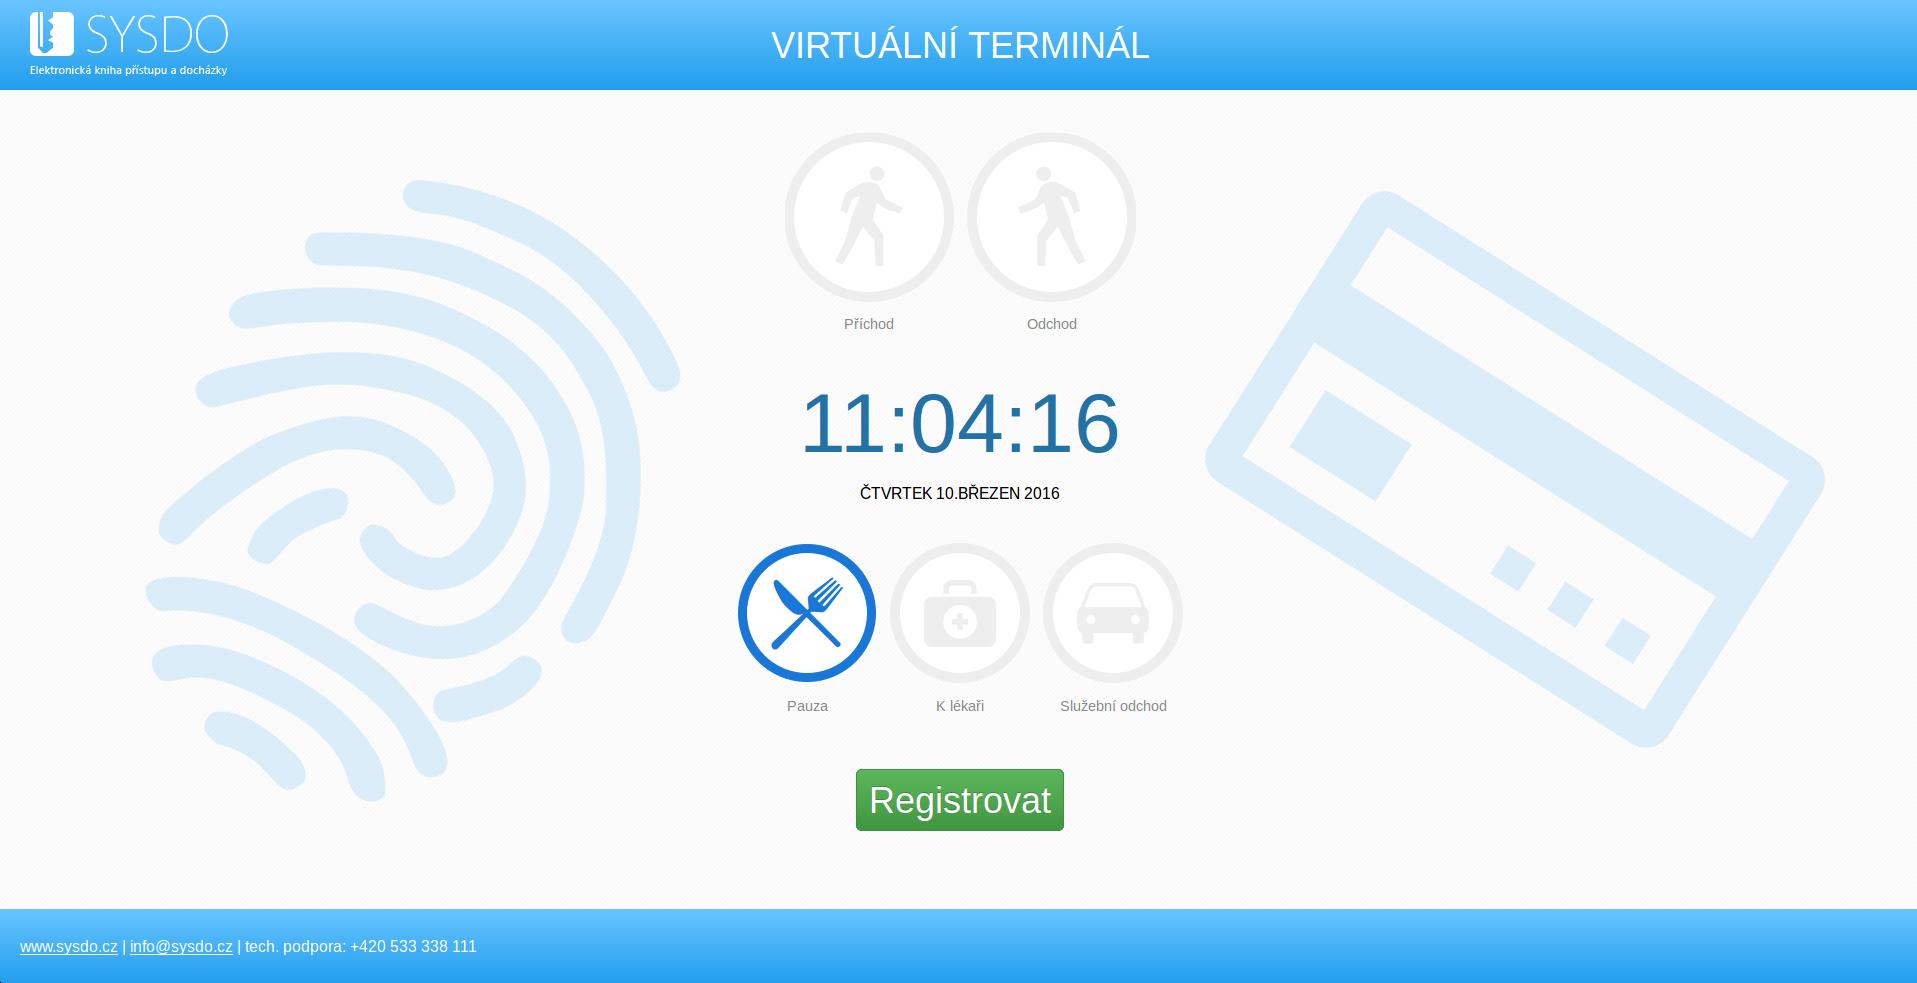 Virtuální terminál s vyznačeným typem přístupu ve specifické době